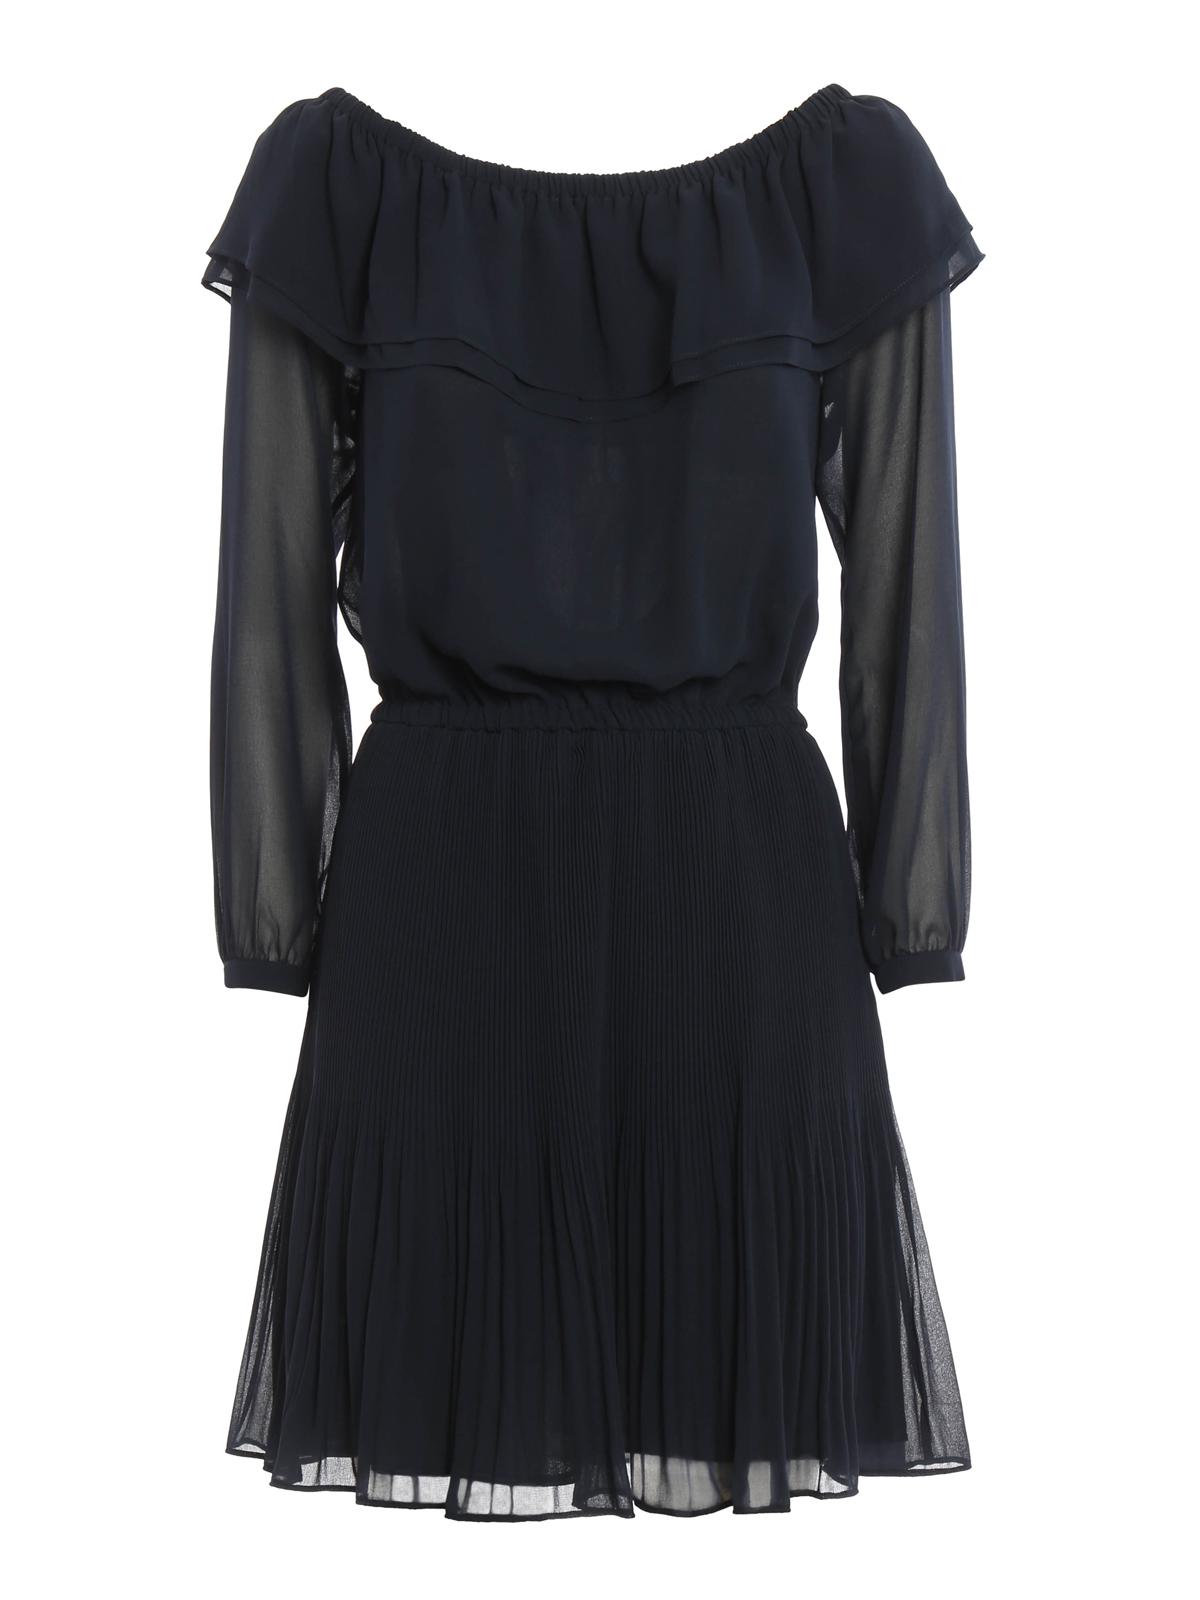 995c3b2d8 Michael Kors - Vestido Corto Azul Oscuro - Vestidos cortos ...